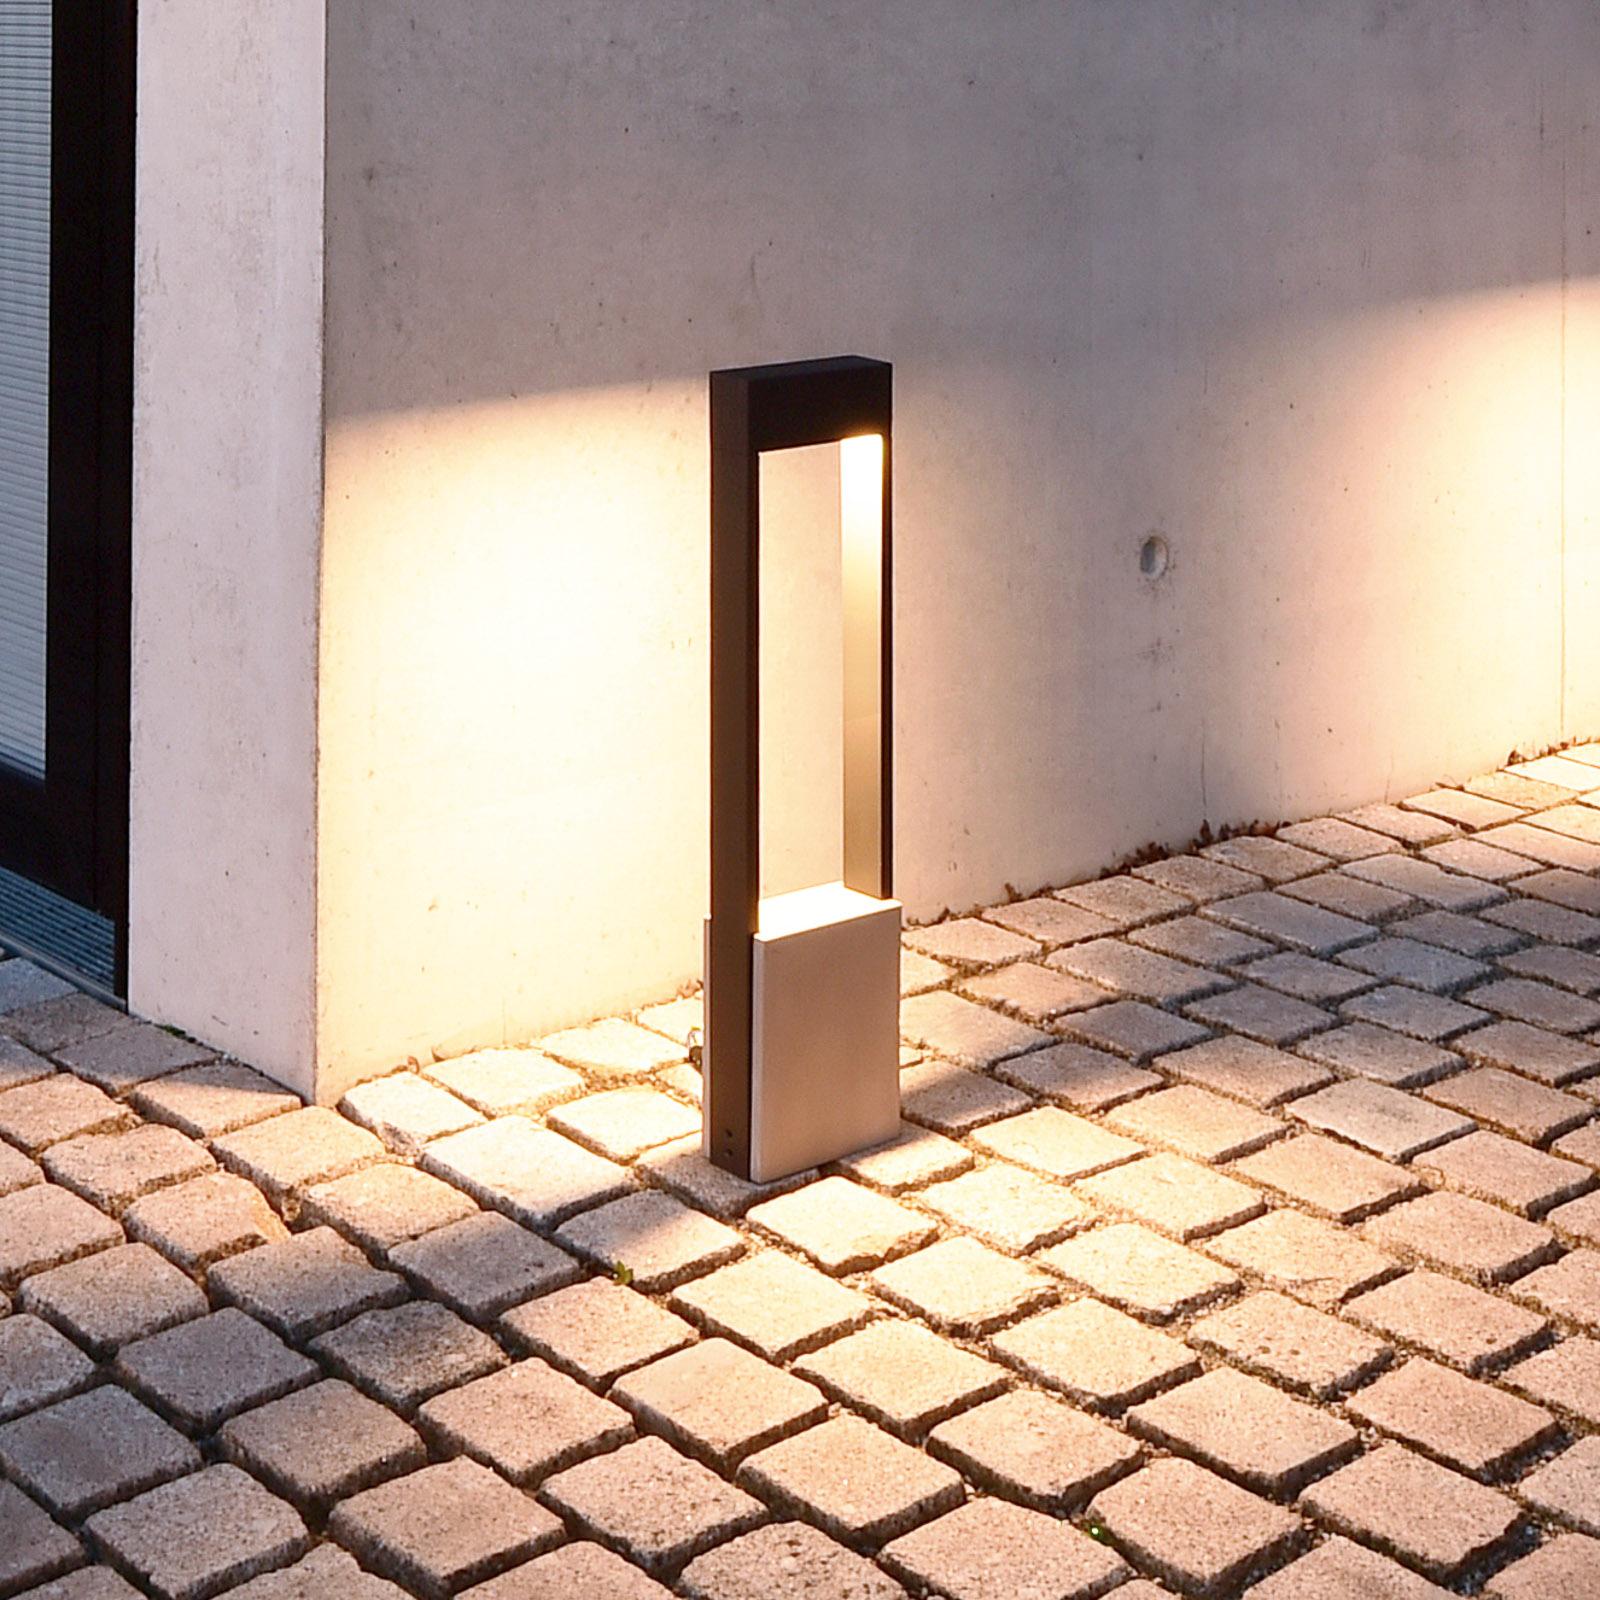 Słupek ogrodowy LED Chertan, wysokość 100 cm